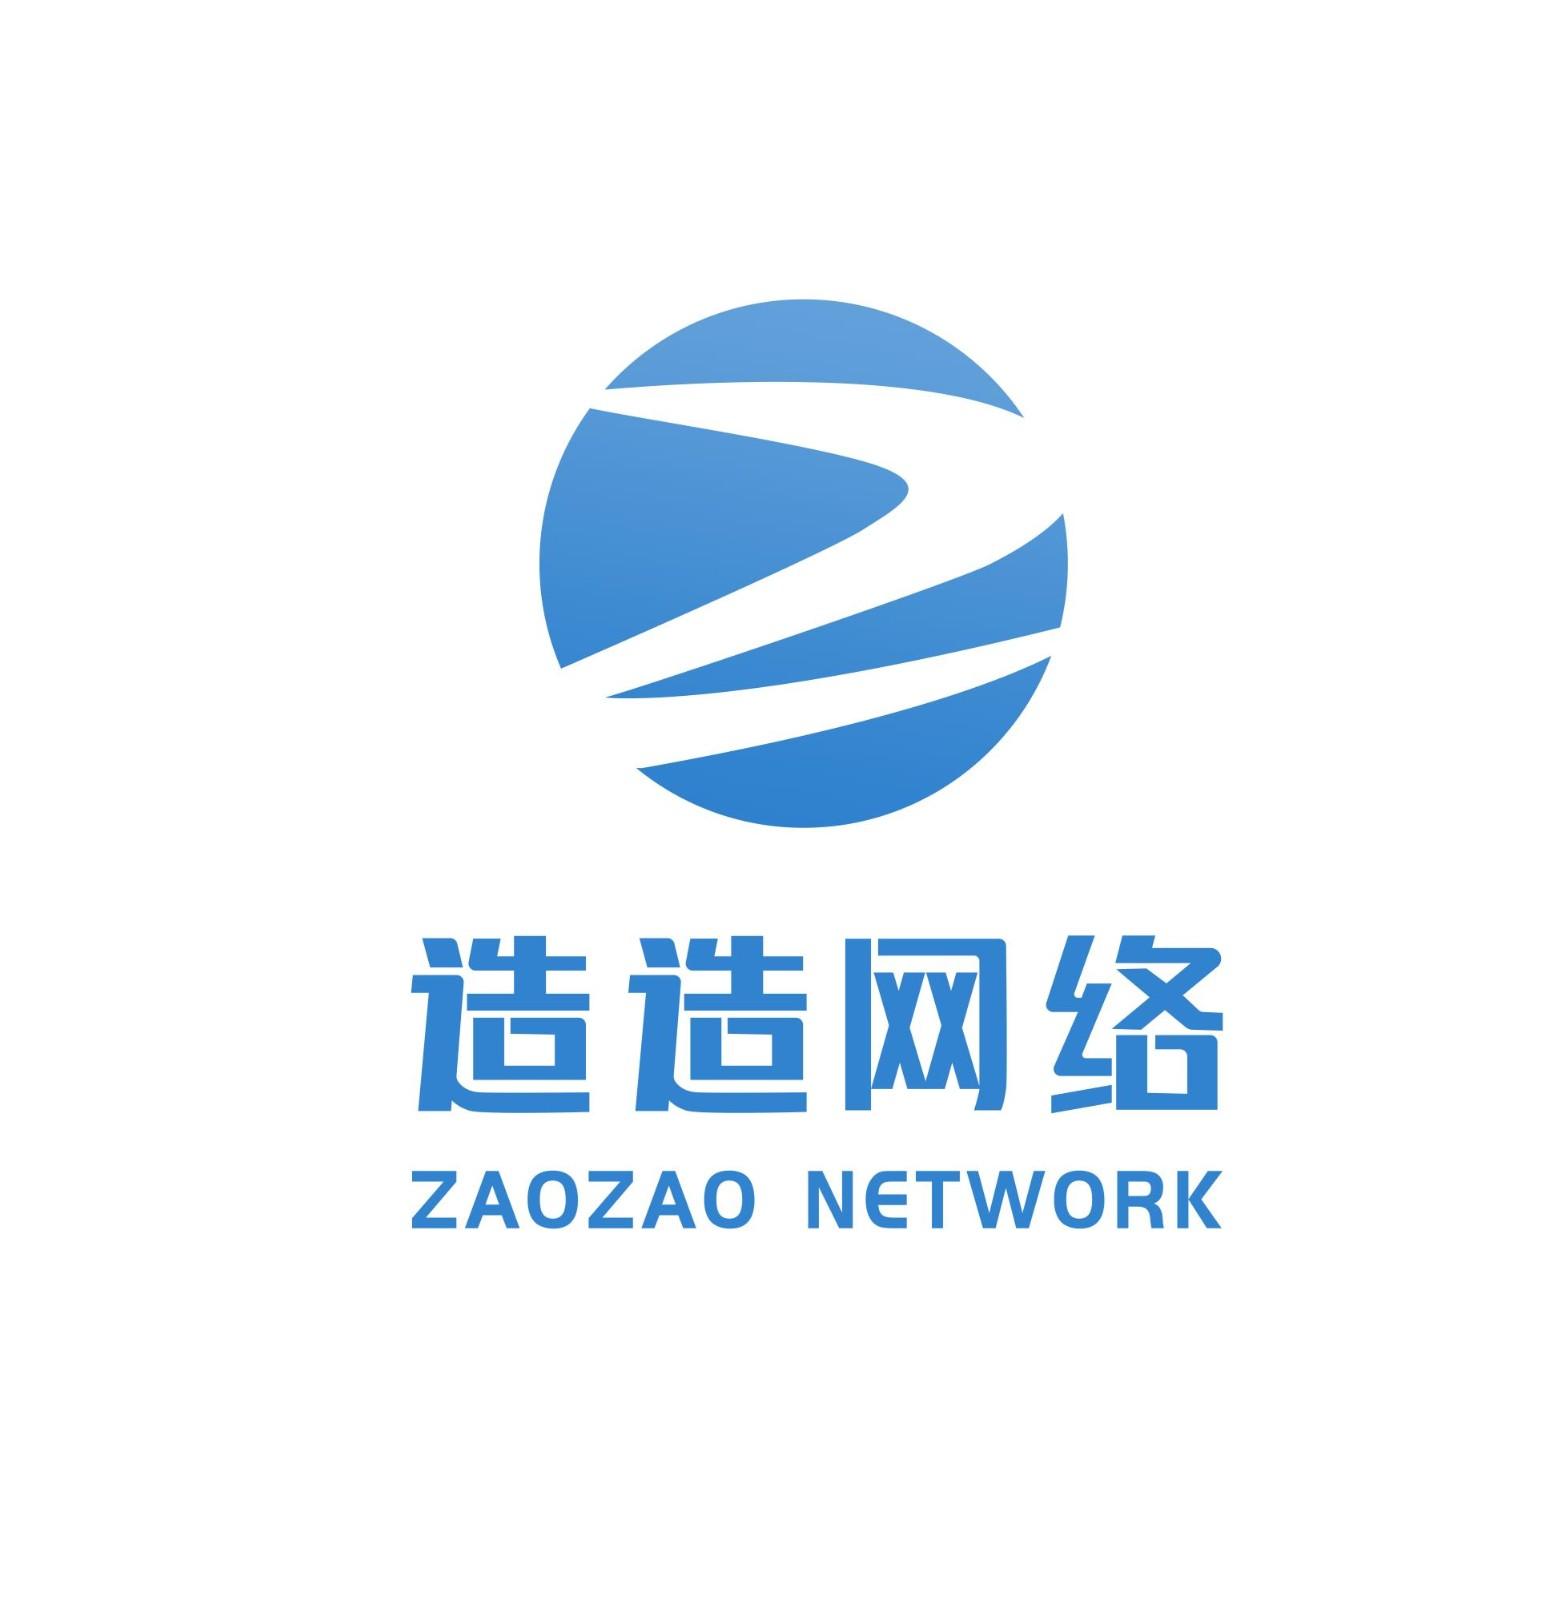 安徽造造网络科技有限公司